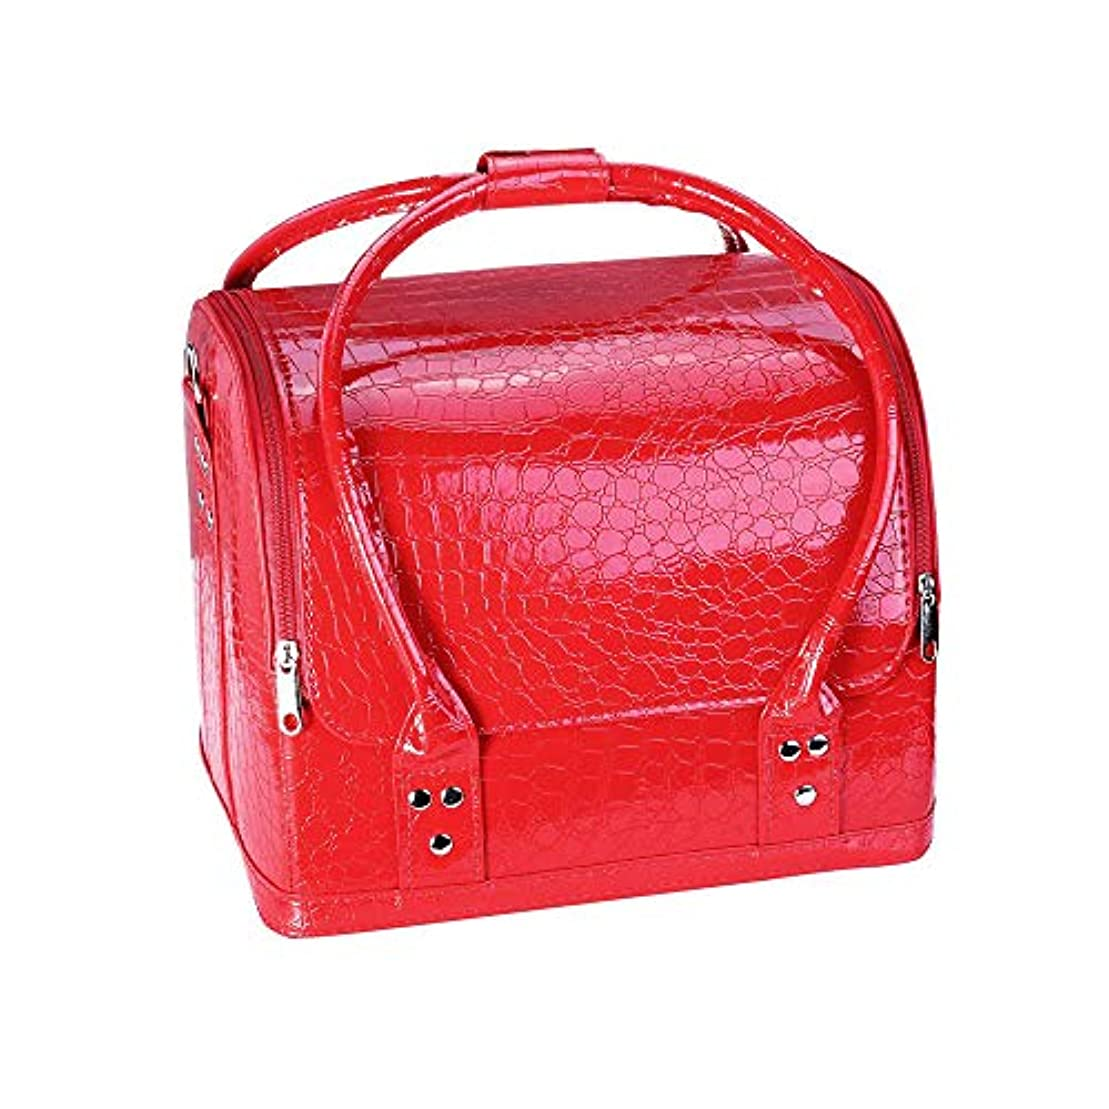 まさにエレクトロニック虐殺化粧オーガナイザーバッグ プロフェッショナルビューティーメイクアップケースネイル化粧箱ビニールケースオーガナイザークロコダイルパターン 化粧品ケース (色 : 赤)